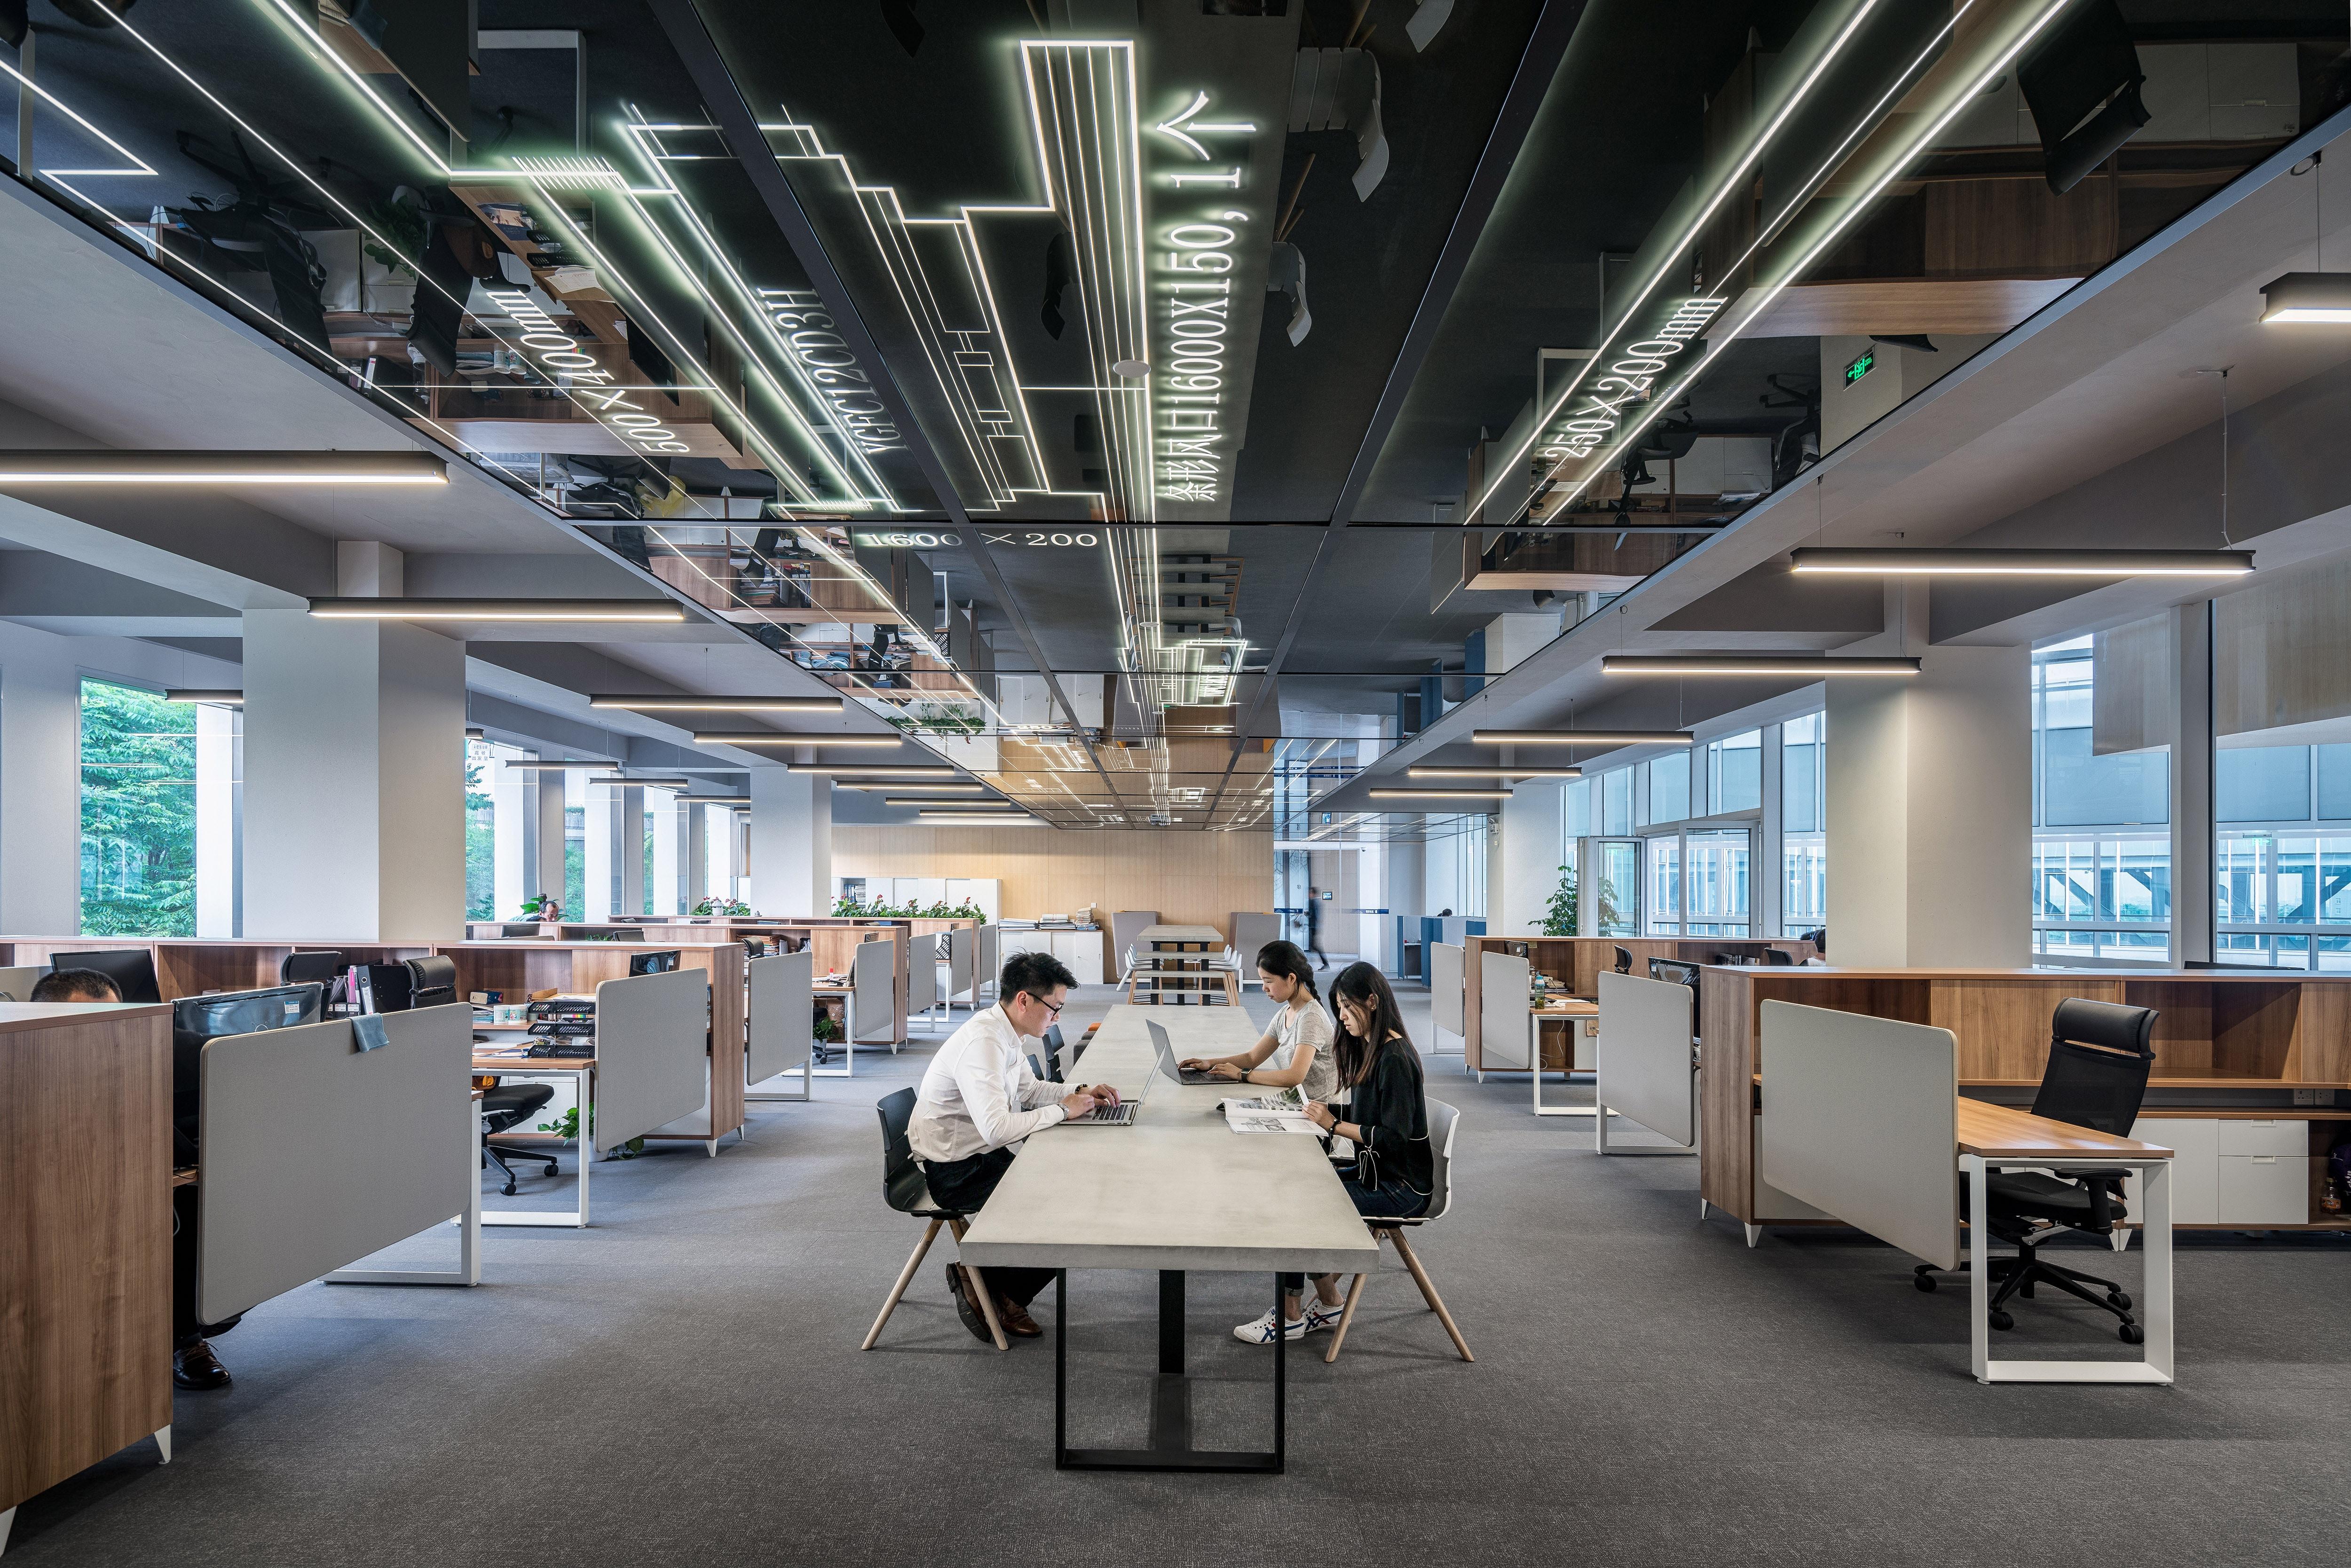 Grand espace de travail en commun avec quelques employés